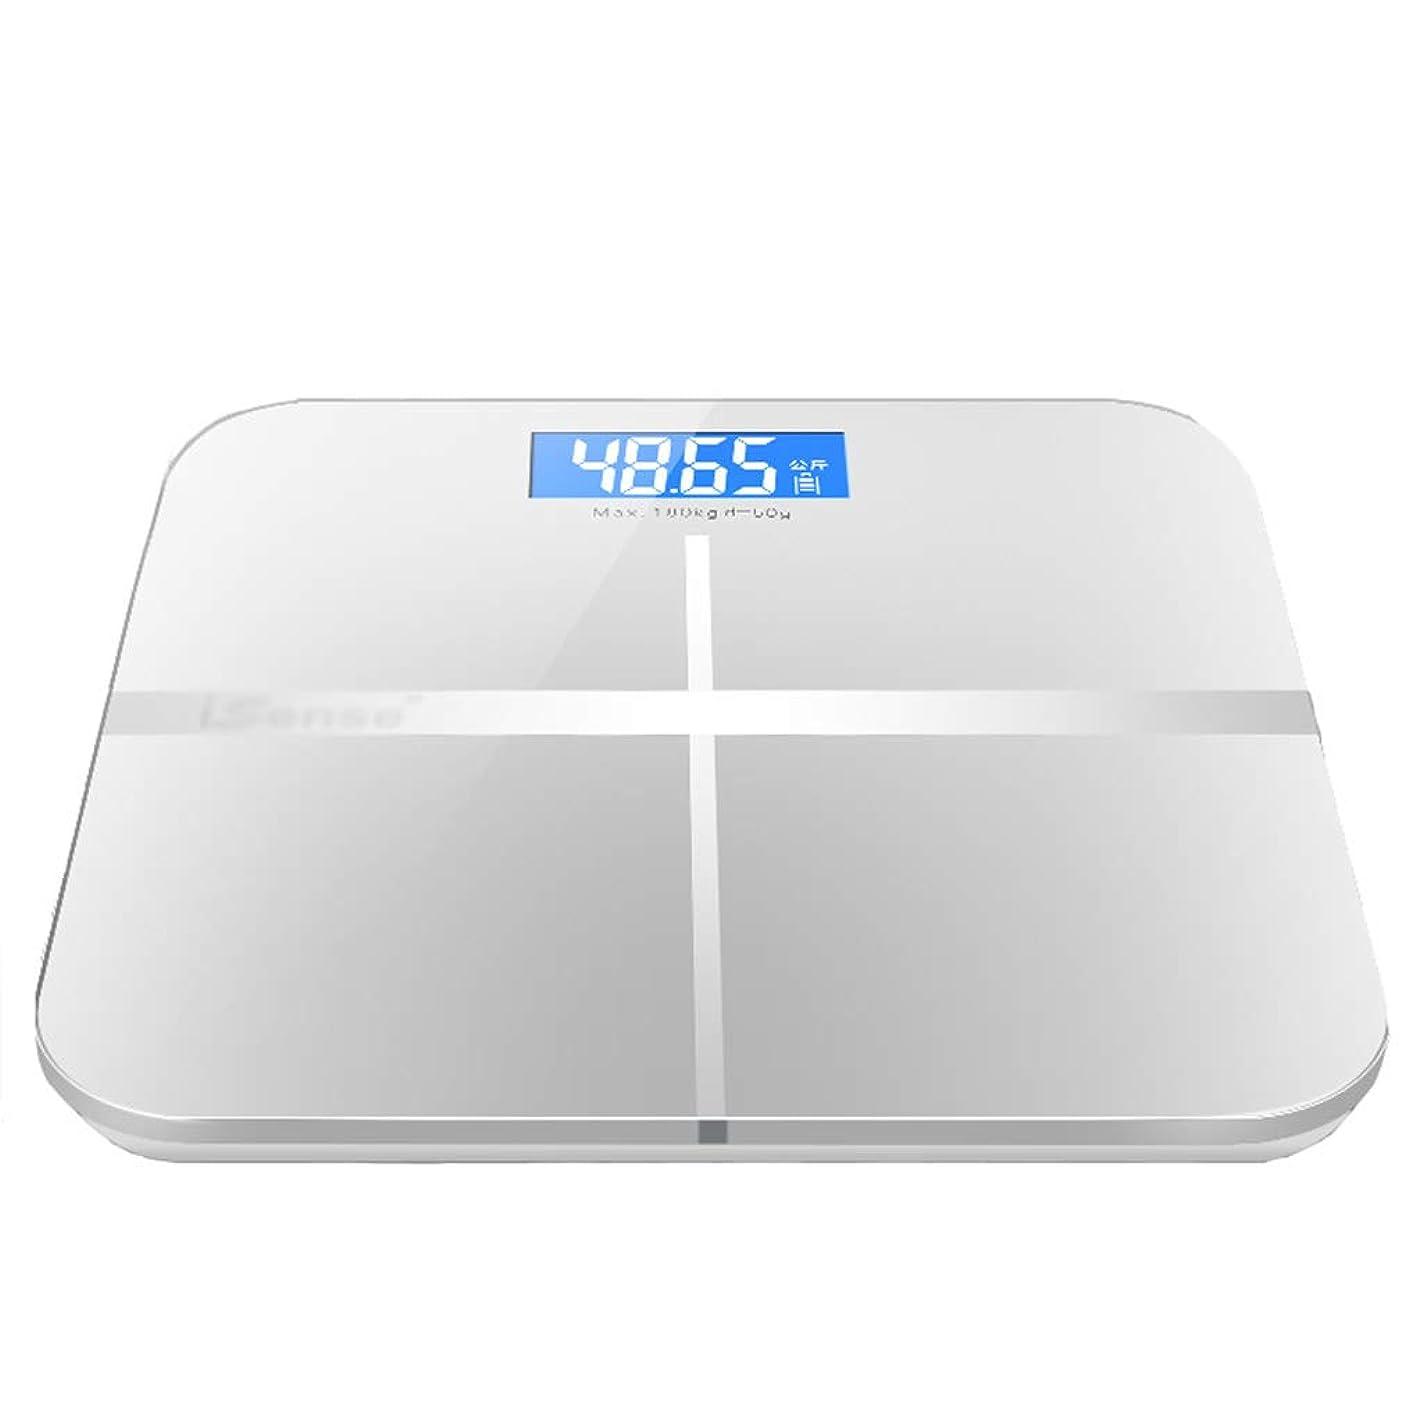 微妙カラスシロクマ体重計 精密浴室の電子スケールホームブルーバックライト付きLCDモニターUSB充電重量損失重量計ディスプレイの電力30×30センチメートル (色 : 白)